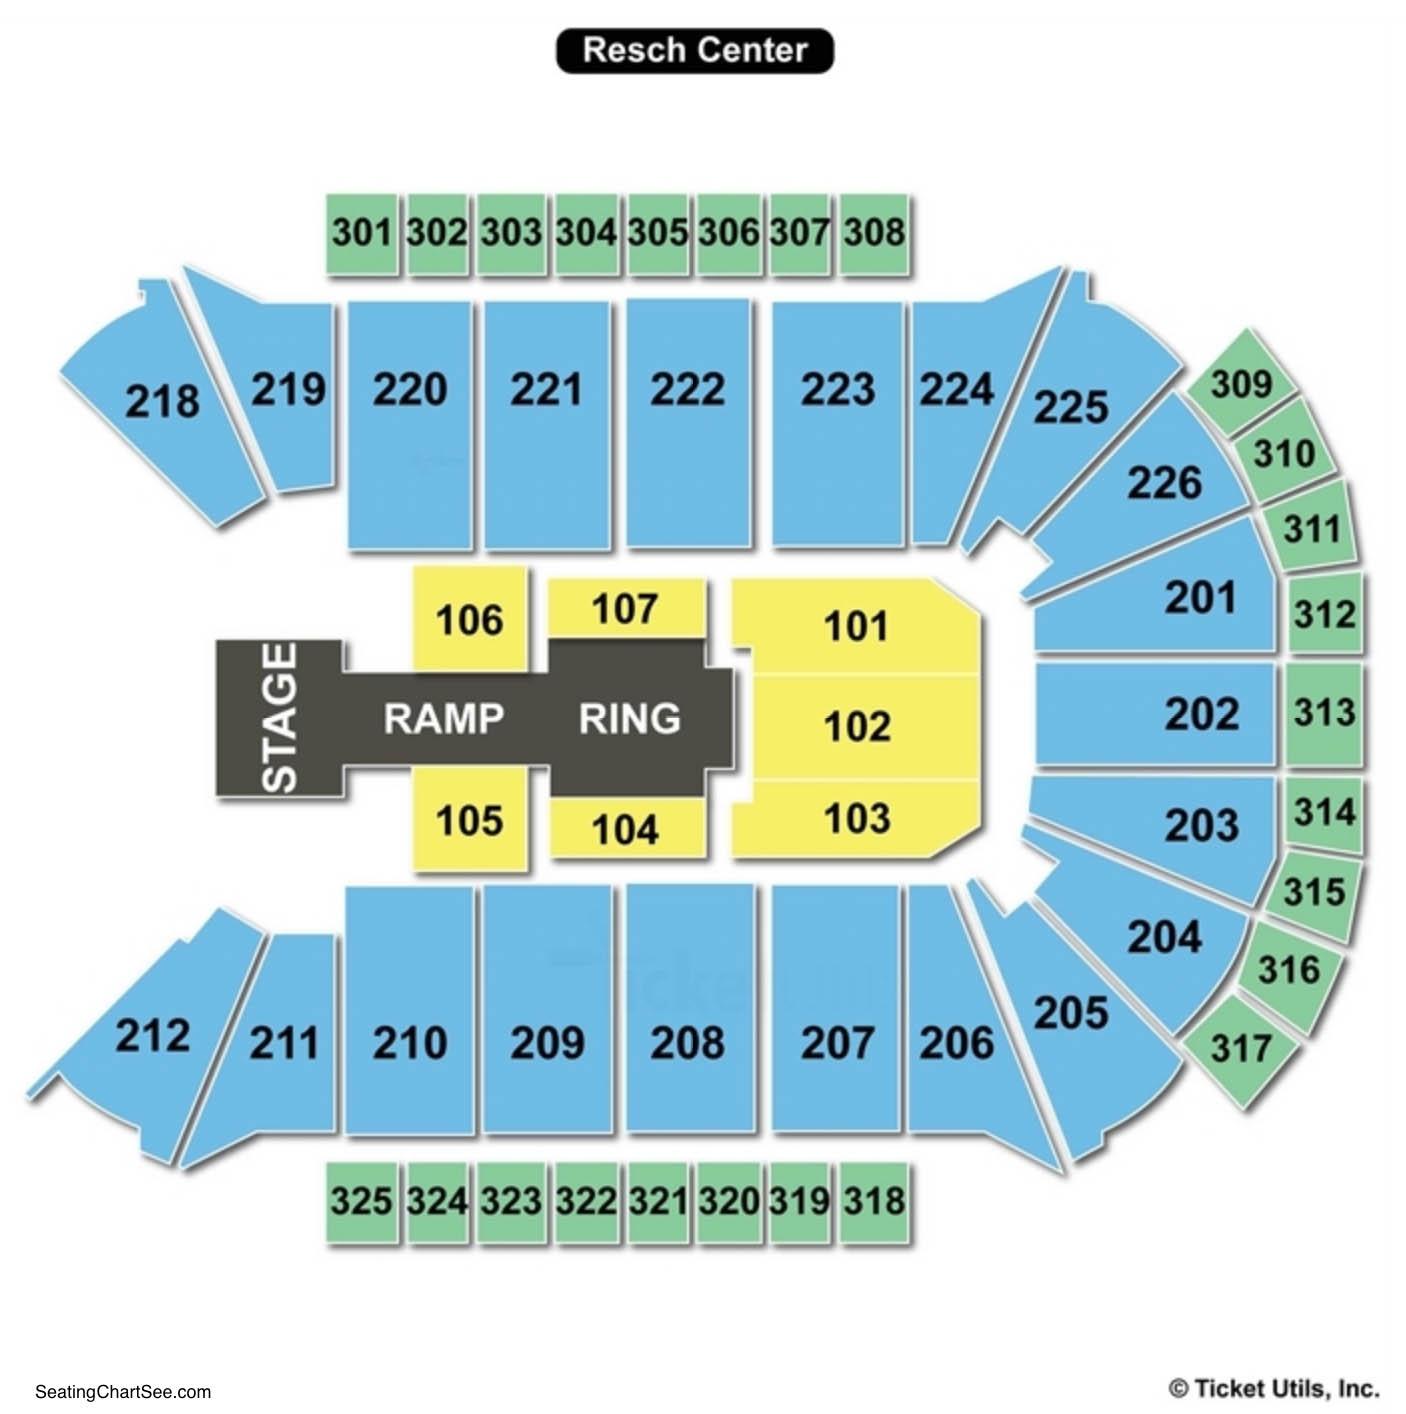 Resch Center Seating Chart WWE